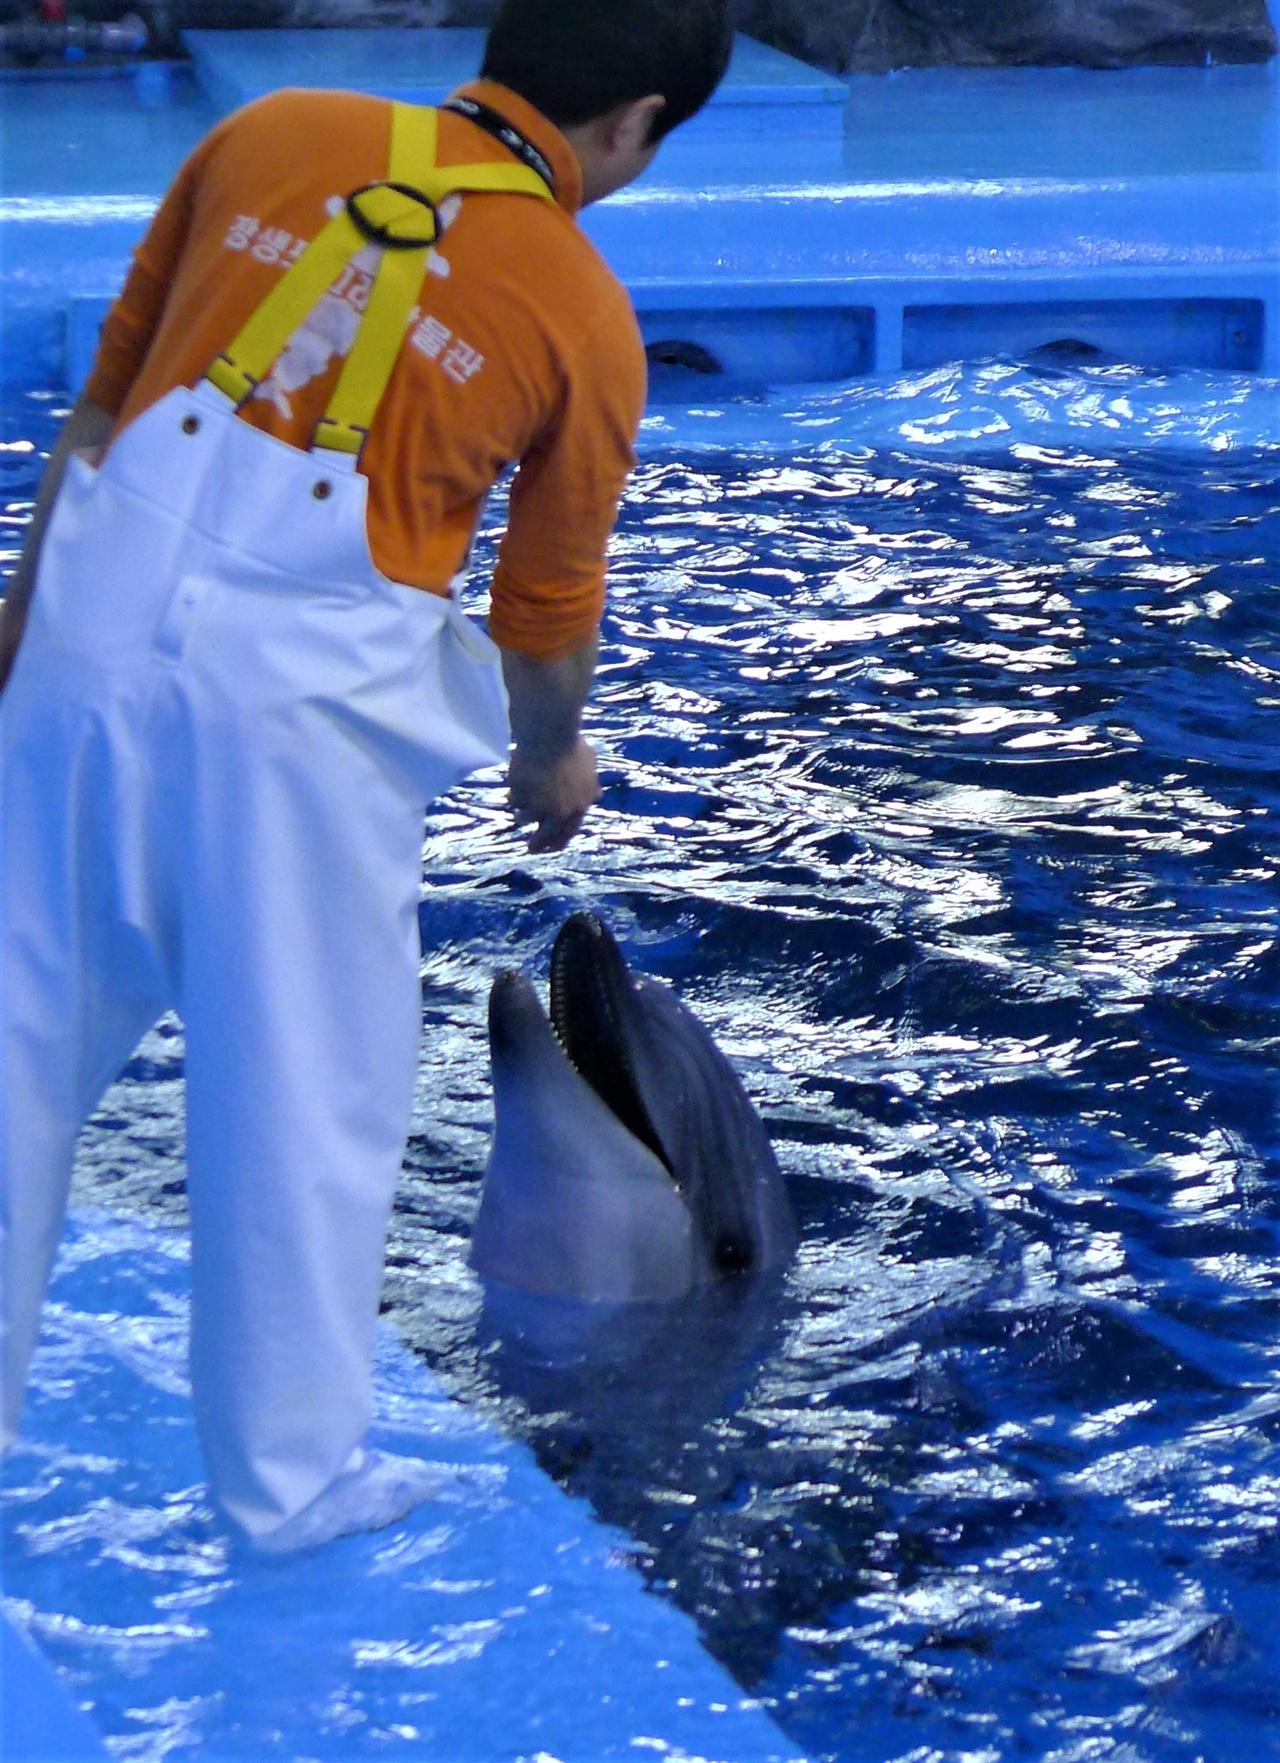 울산 남구 장생포 고래생태체험관에서 30분간 고래생태설명회에 동원됐던 돌고래 1마리가 휴식시간 조련사로부터 먹이를 받아 먹고 있다.